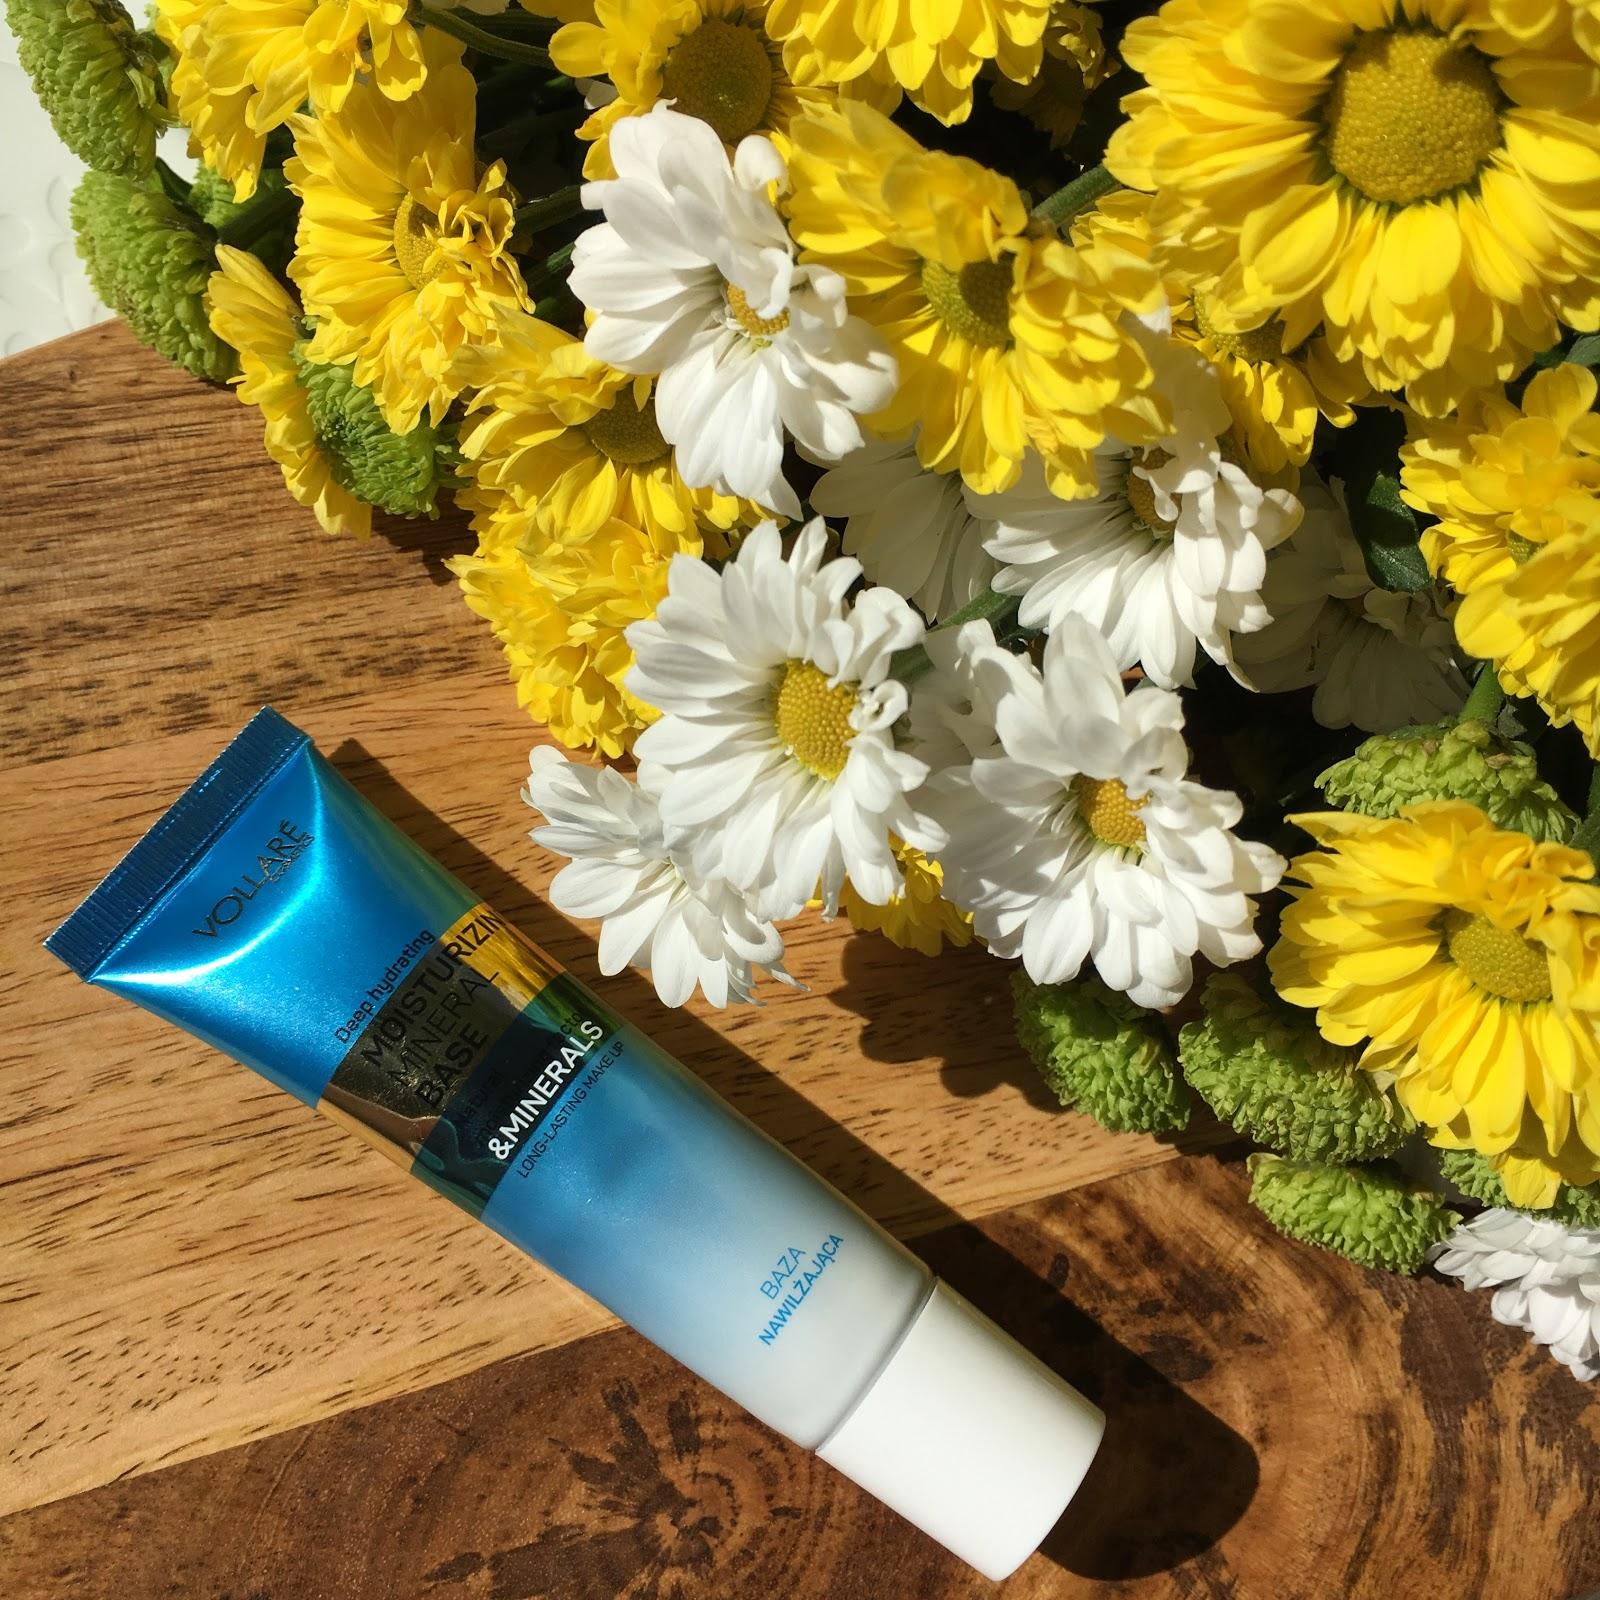 6 tygodni, 6 baz pod makijaż, czyli testy nowości Vollare Cosmetics, dziś na tapecie wrażenia z używania bazy matująco-wygładzającej.